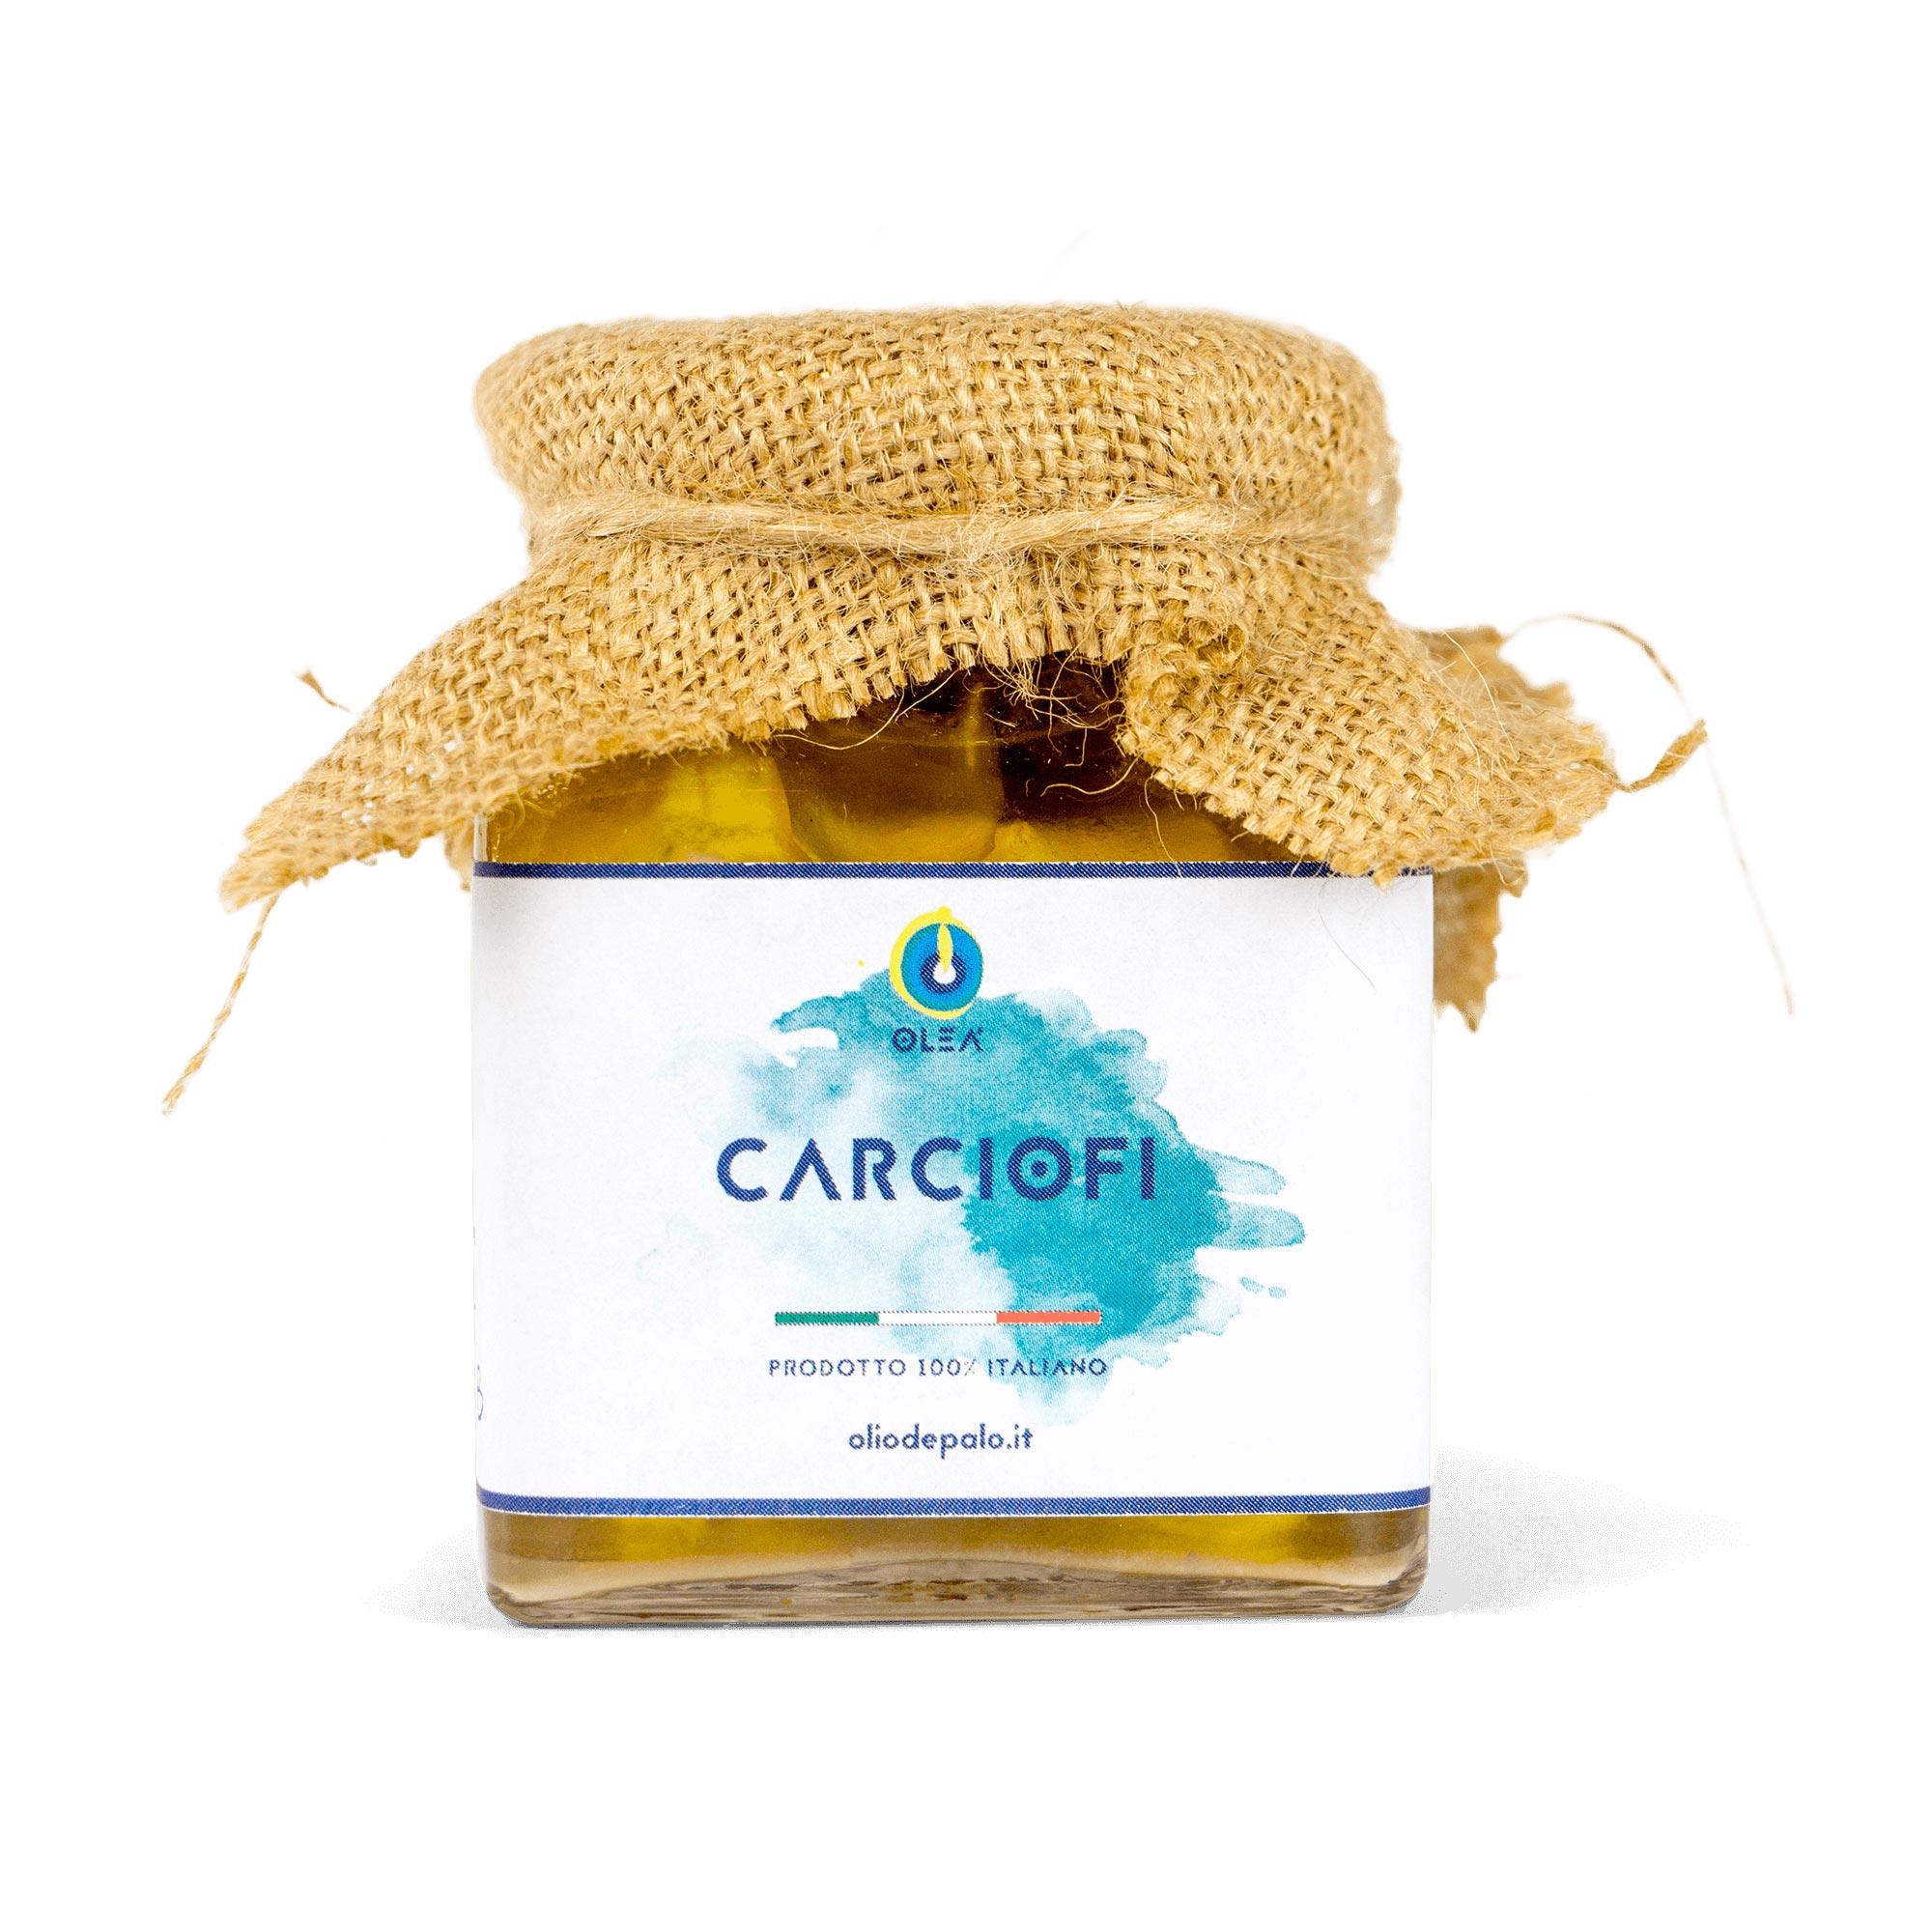 carciofi sott'olio Olio Depalo prodotti tipici di Puglia